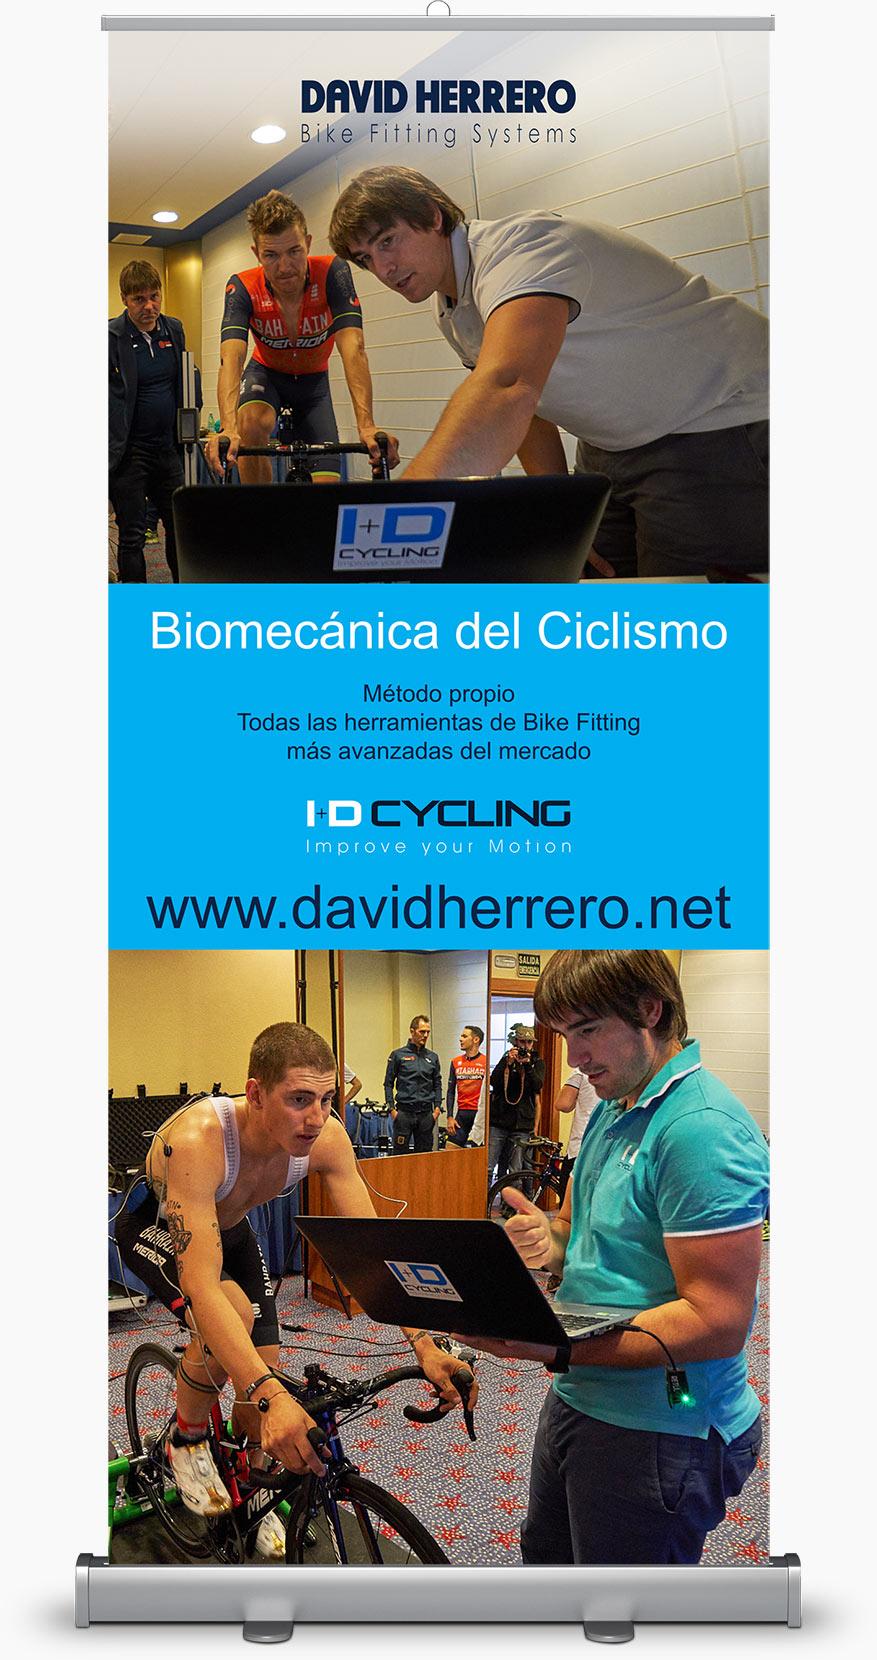 Rollup-I+D-David-Herrero